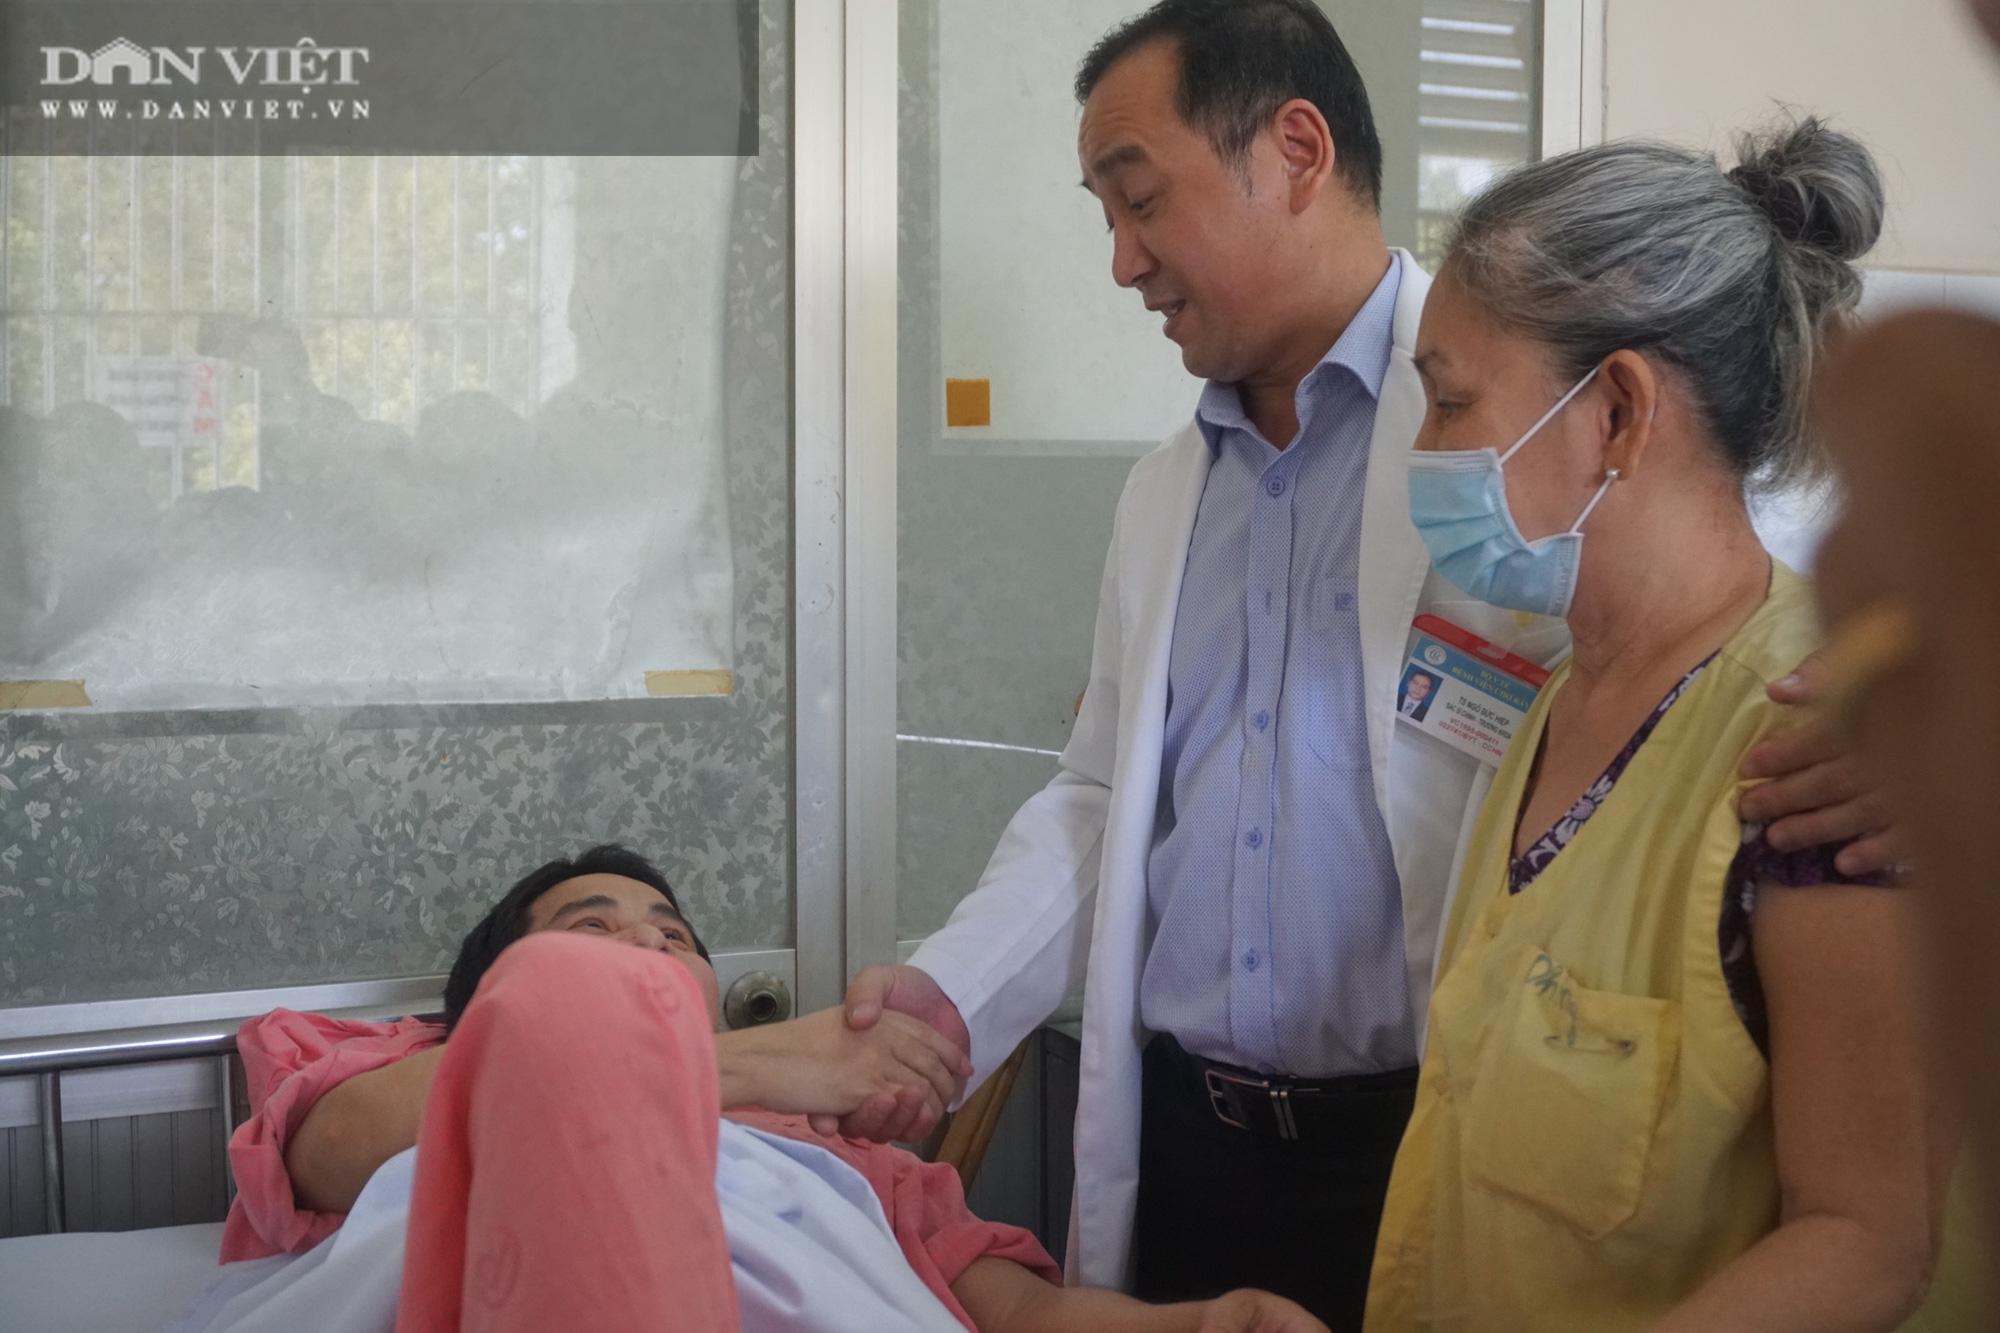 Hành trình gập ghềnh và sự kiên trì vô bờ của người mẹ 11 năm song hành cùng con trong bệnh viện - Ảnh 4.